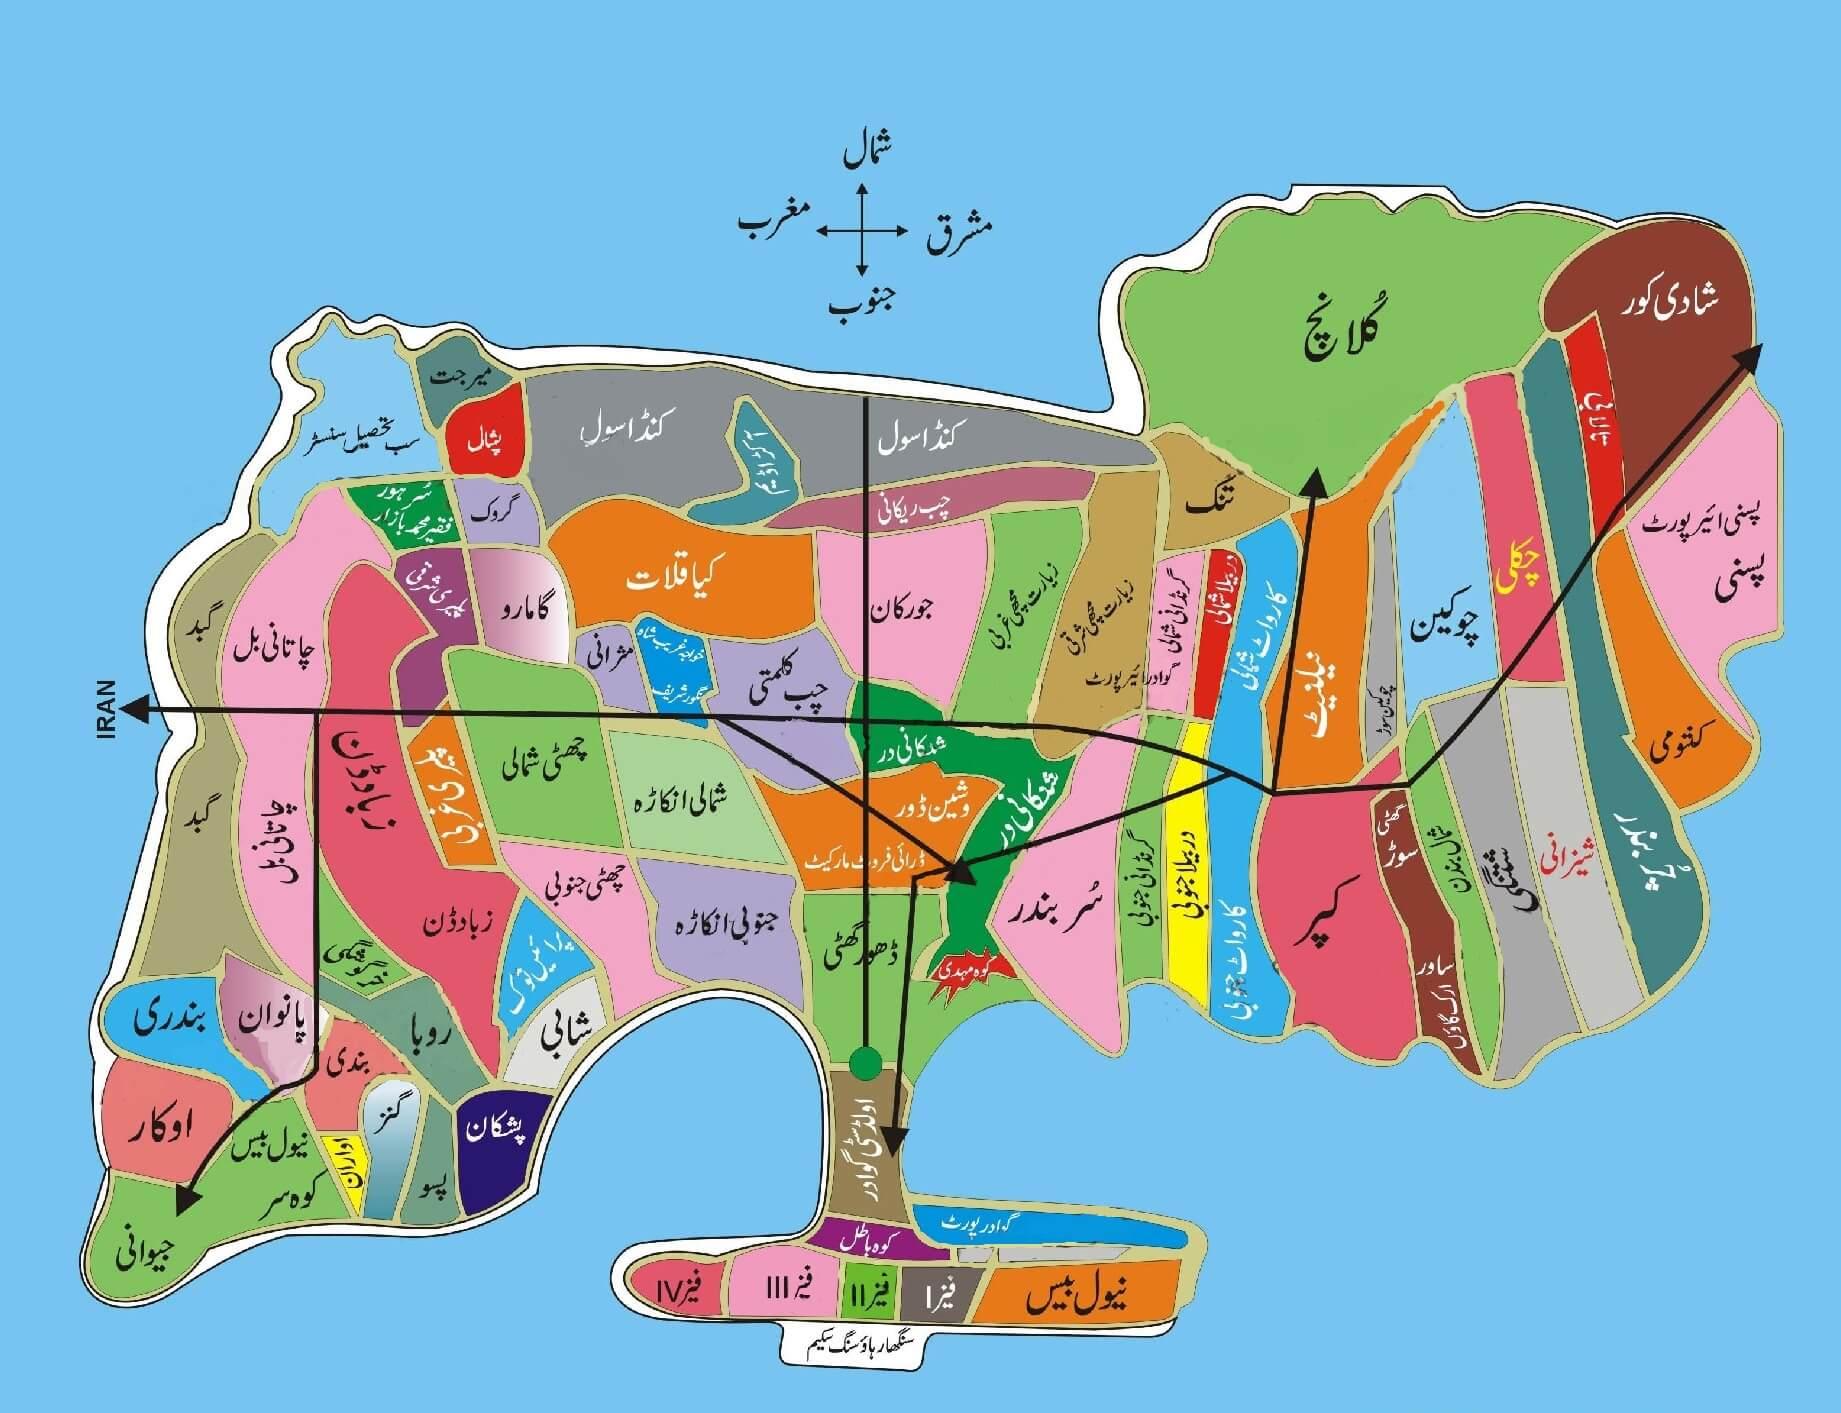 Gwadar-Masterplan-Full-Map